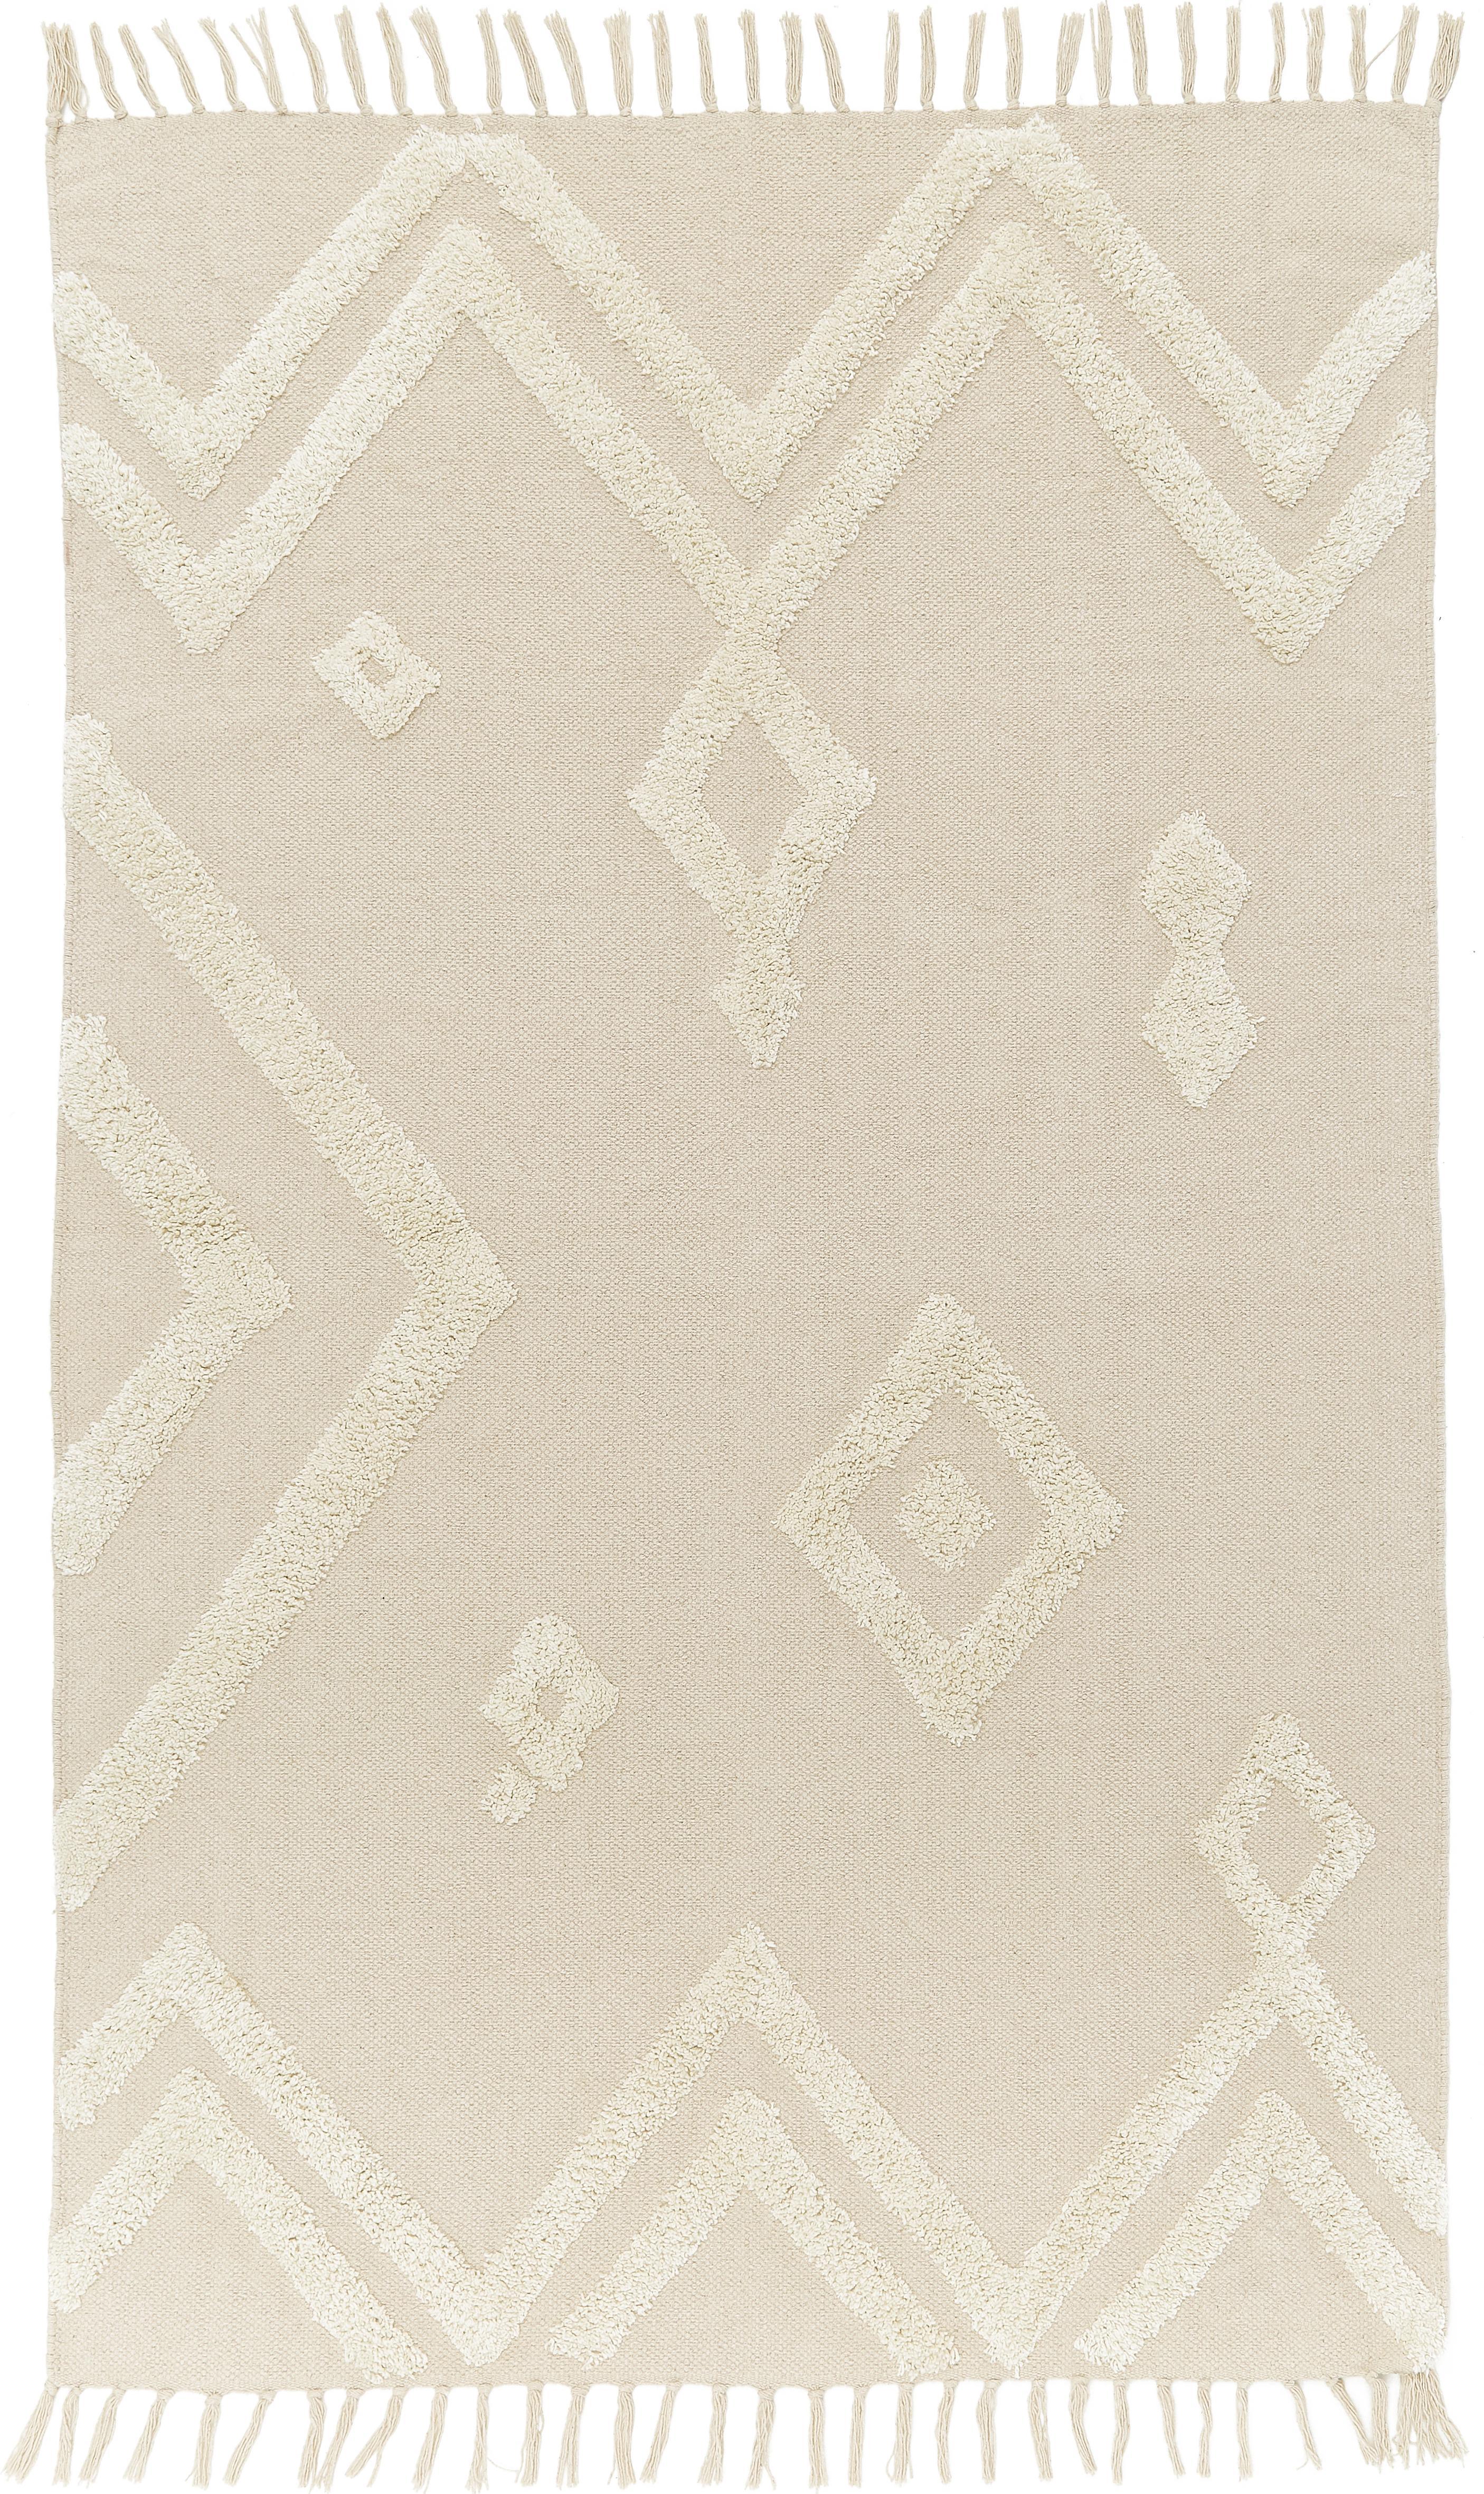 Teppich Canvas mit getufteter Verzierung, 100% Baumwolle, Gebrochenes Weiß, B 150 x L 200 cm (Größe S)